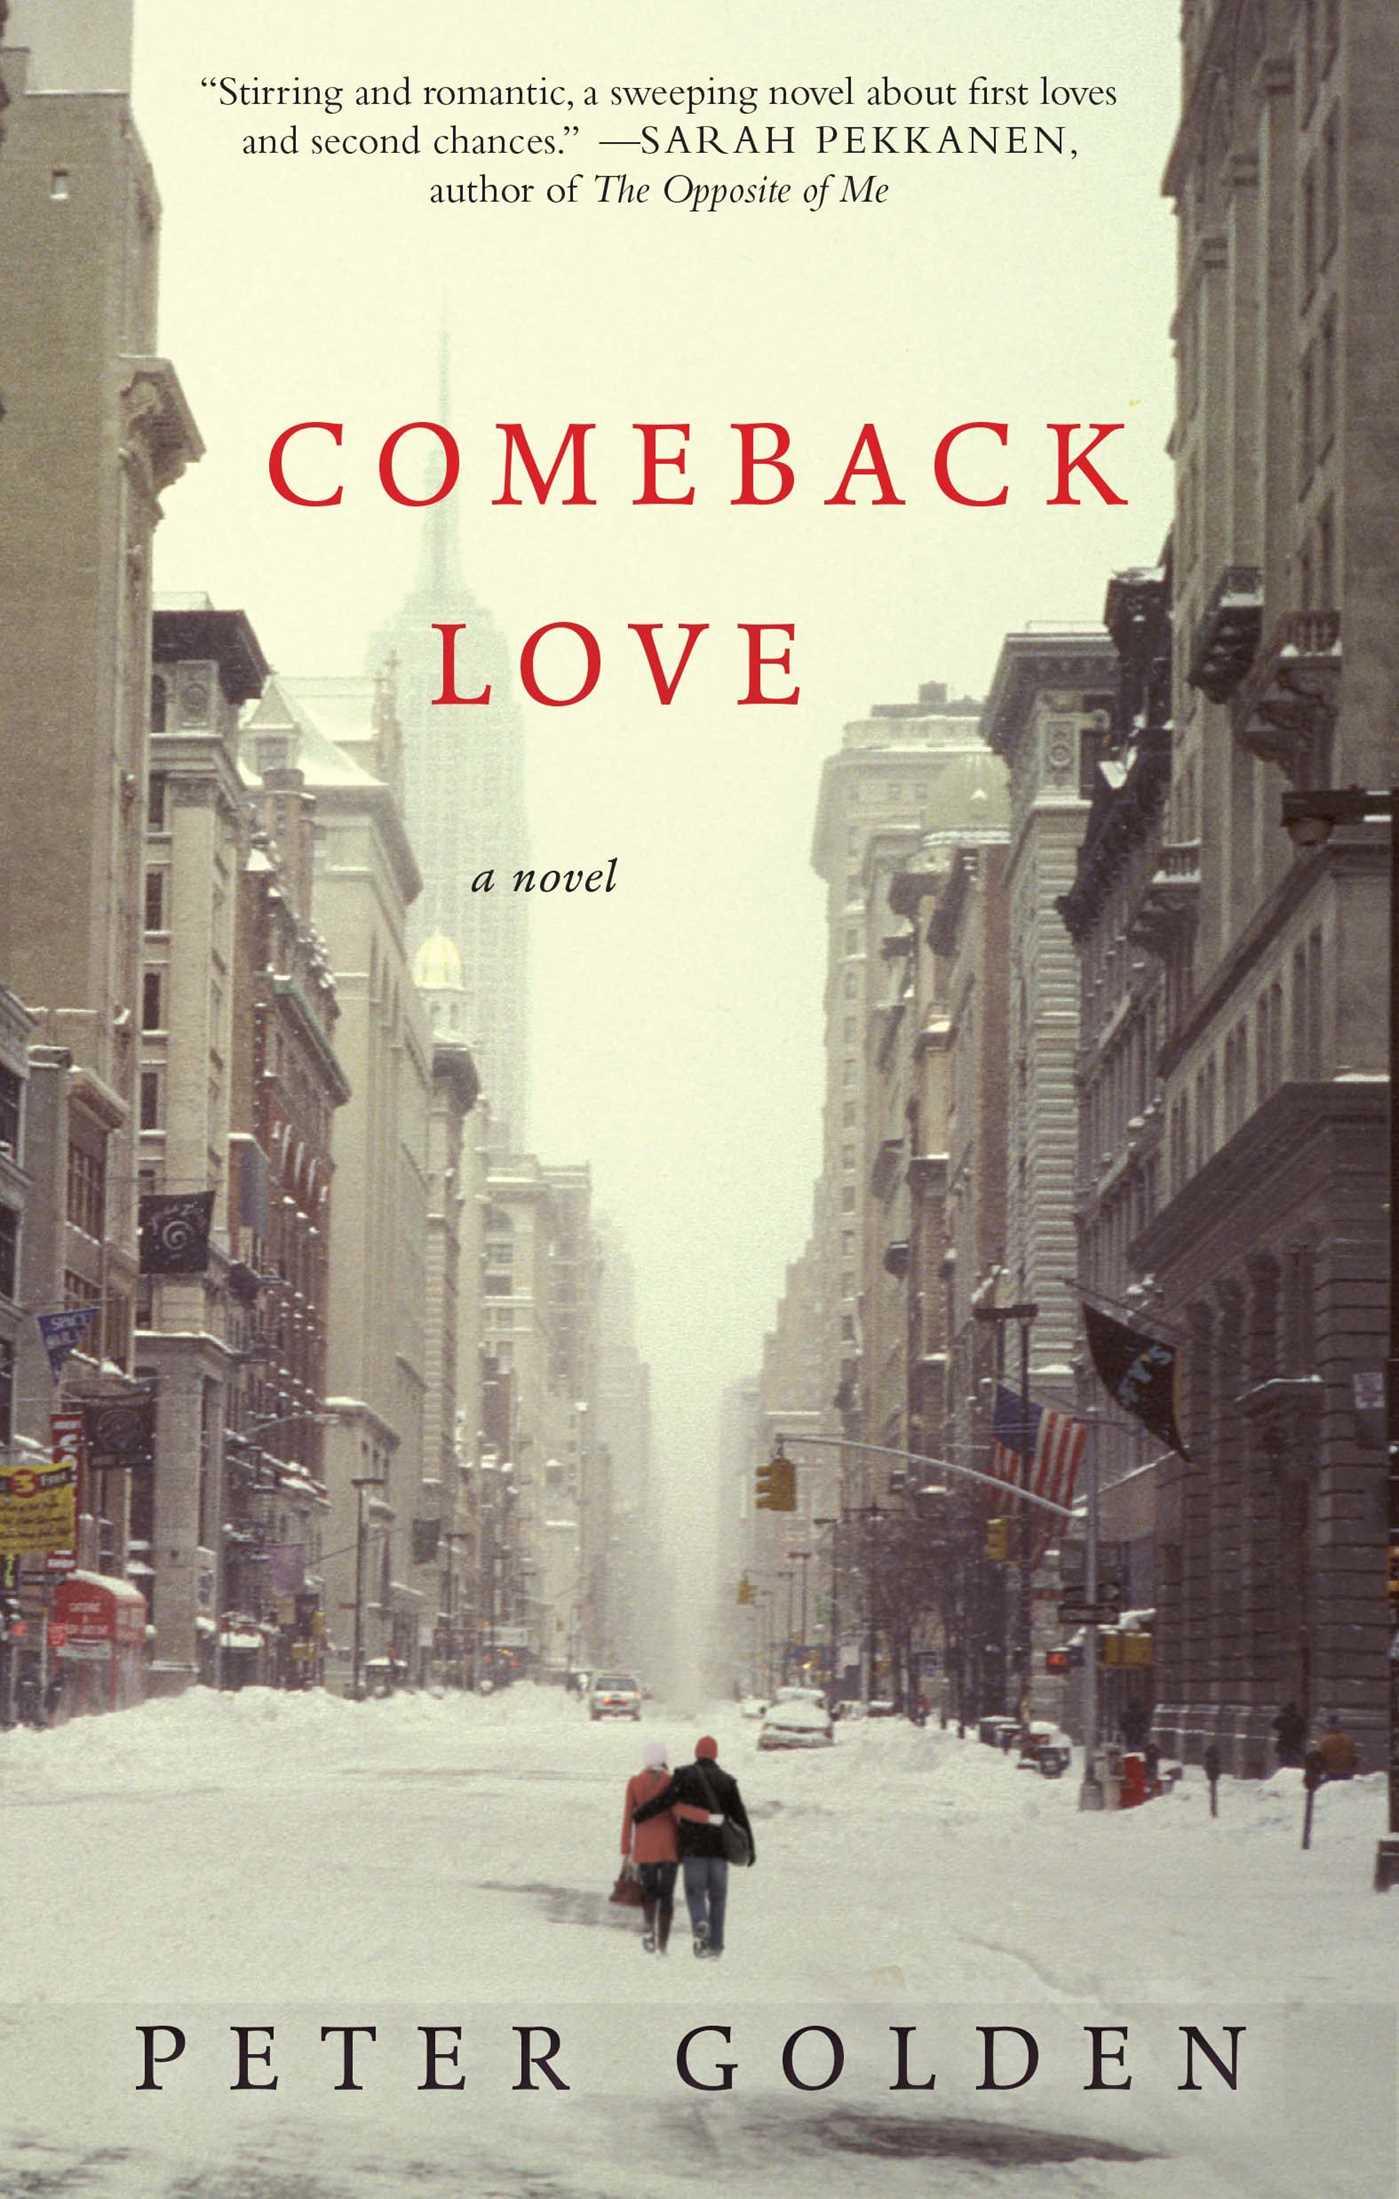 Comeback love 9781451656329 hr